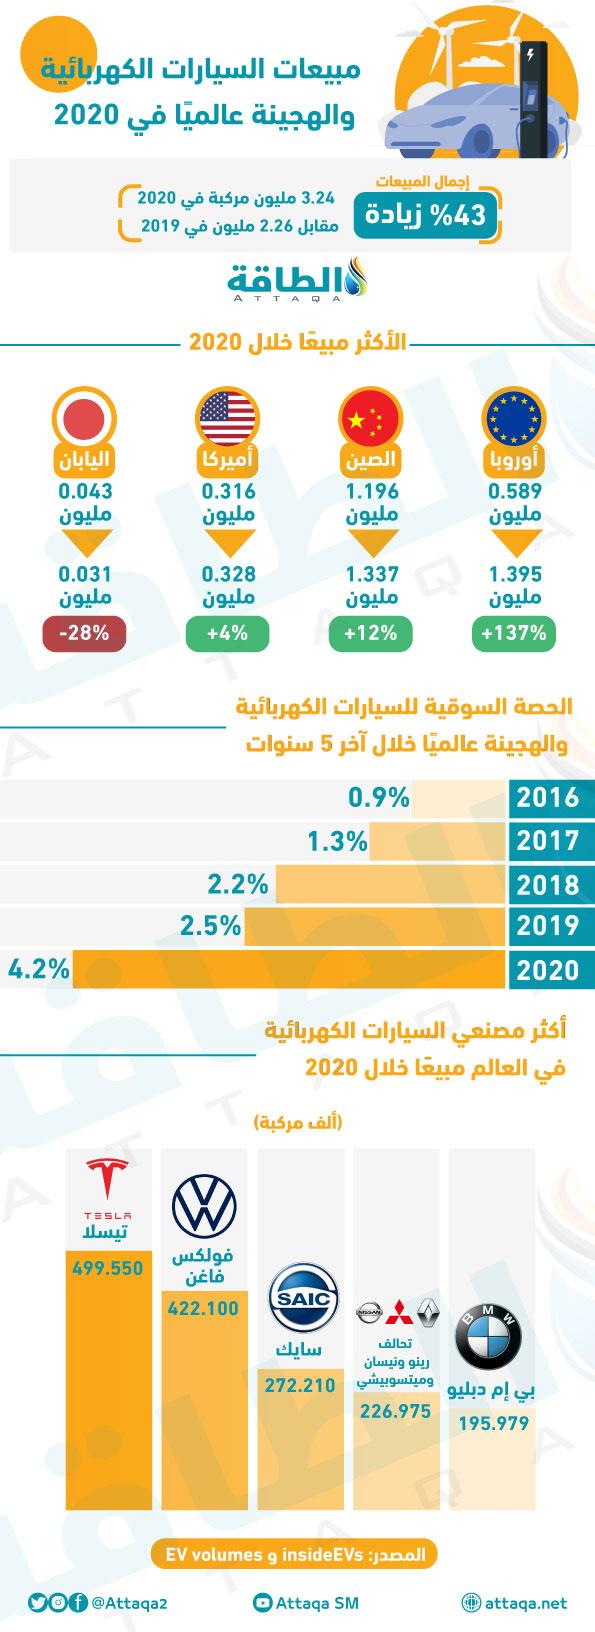 مبيعات السيارات الكهربائية والهجينة عالمياً في 2020